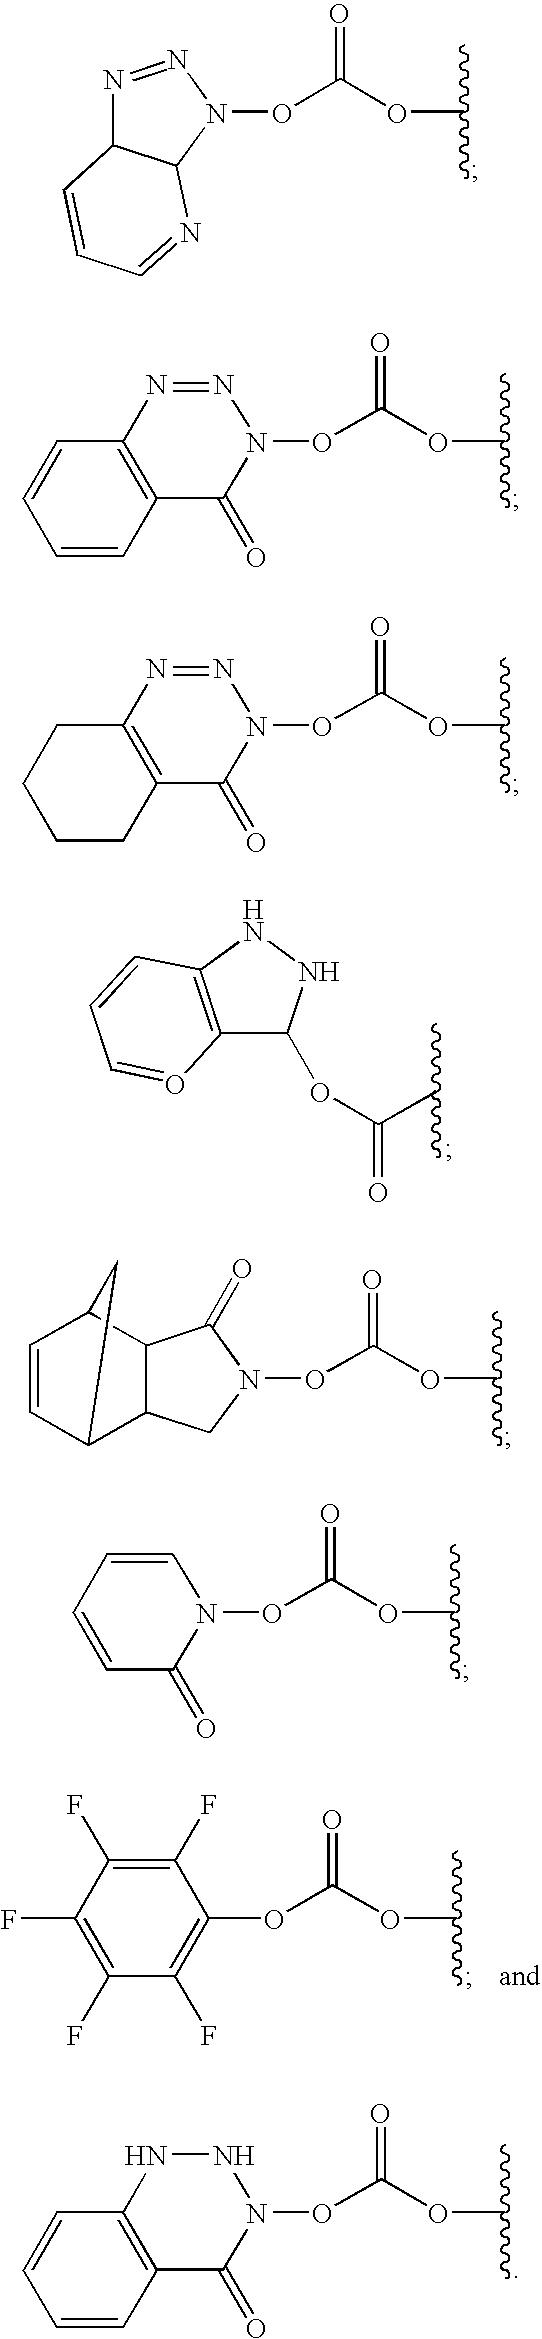 Figure US07405198-20080729-C00039